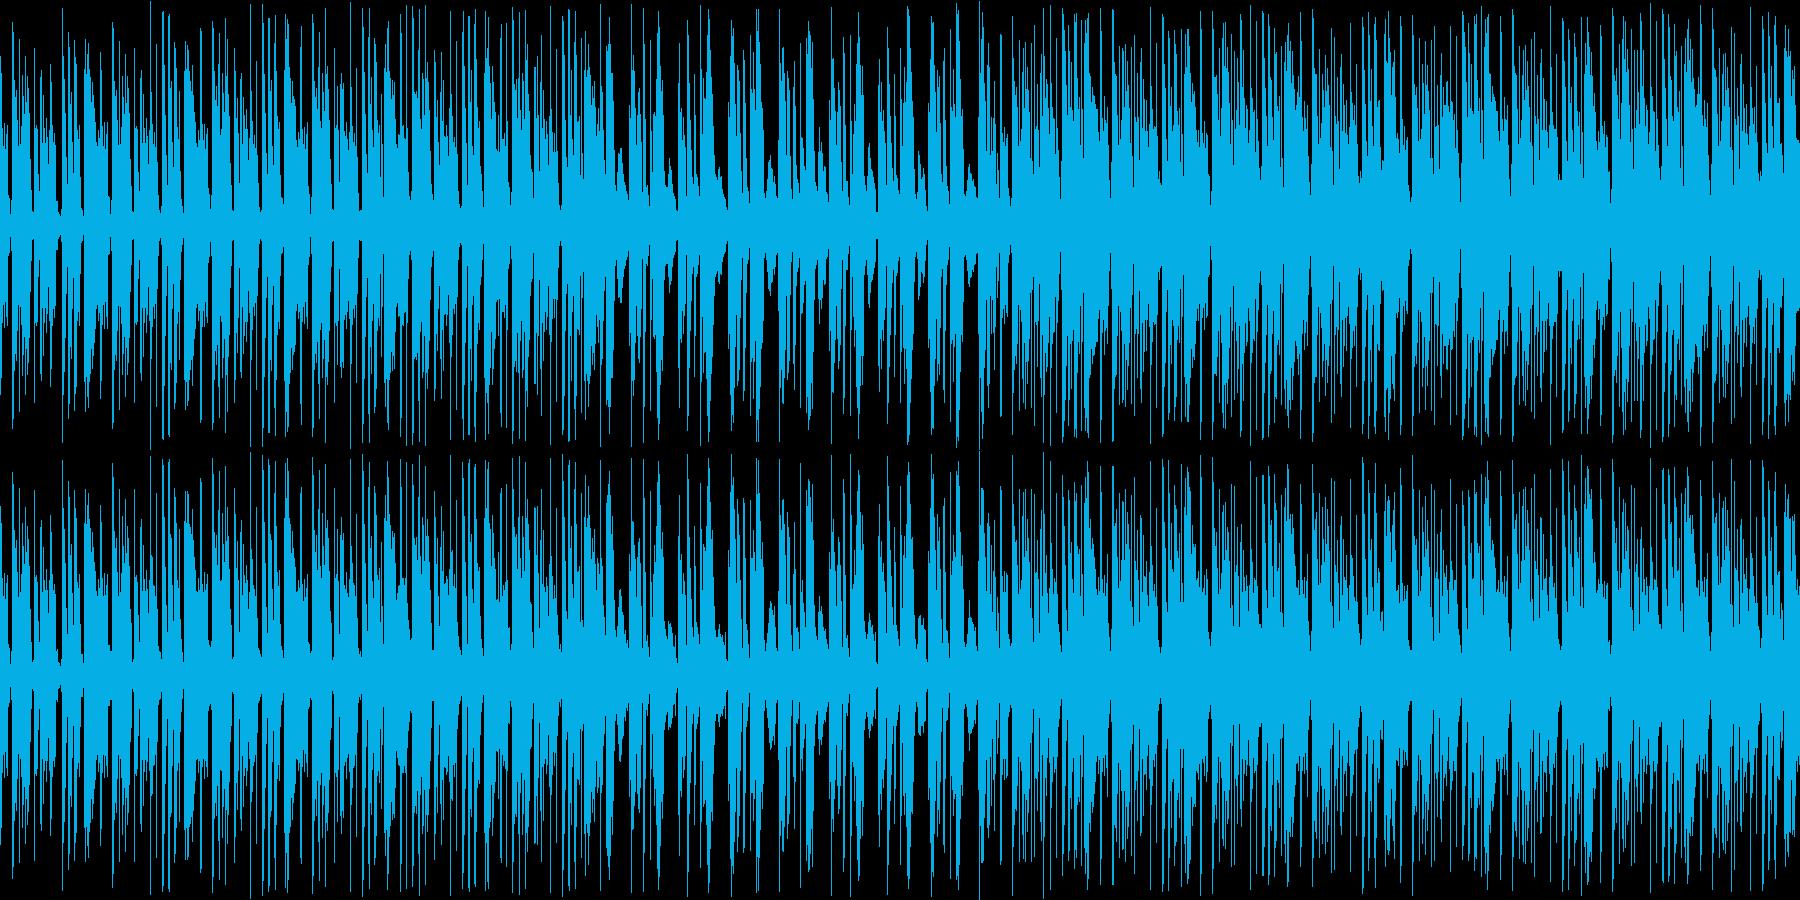 インパクトあるベースから始まるオシャレ曲の再生済みの波形